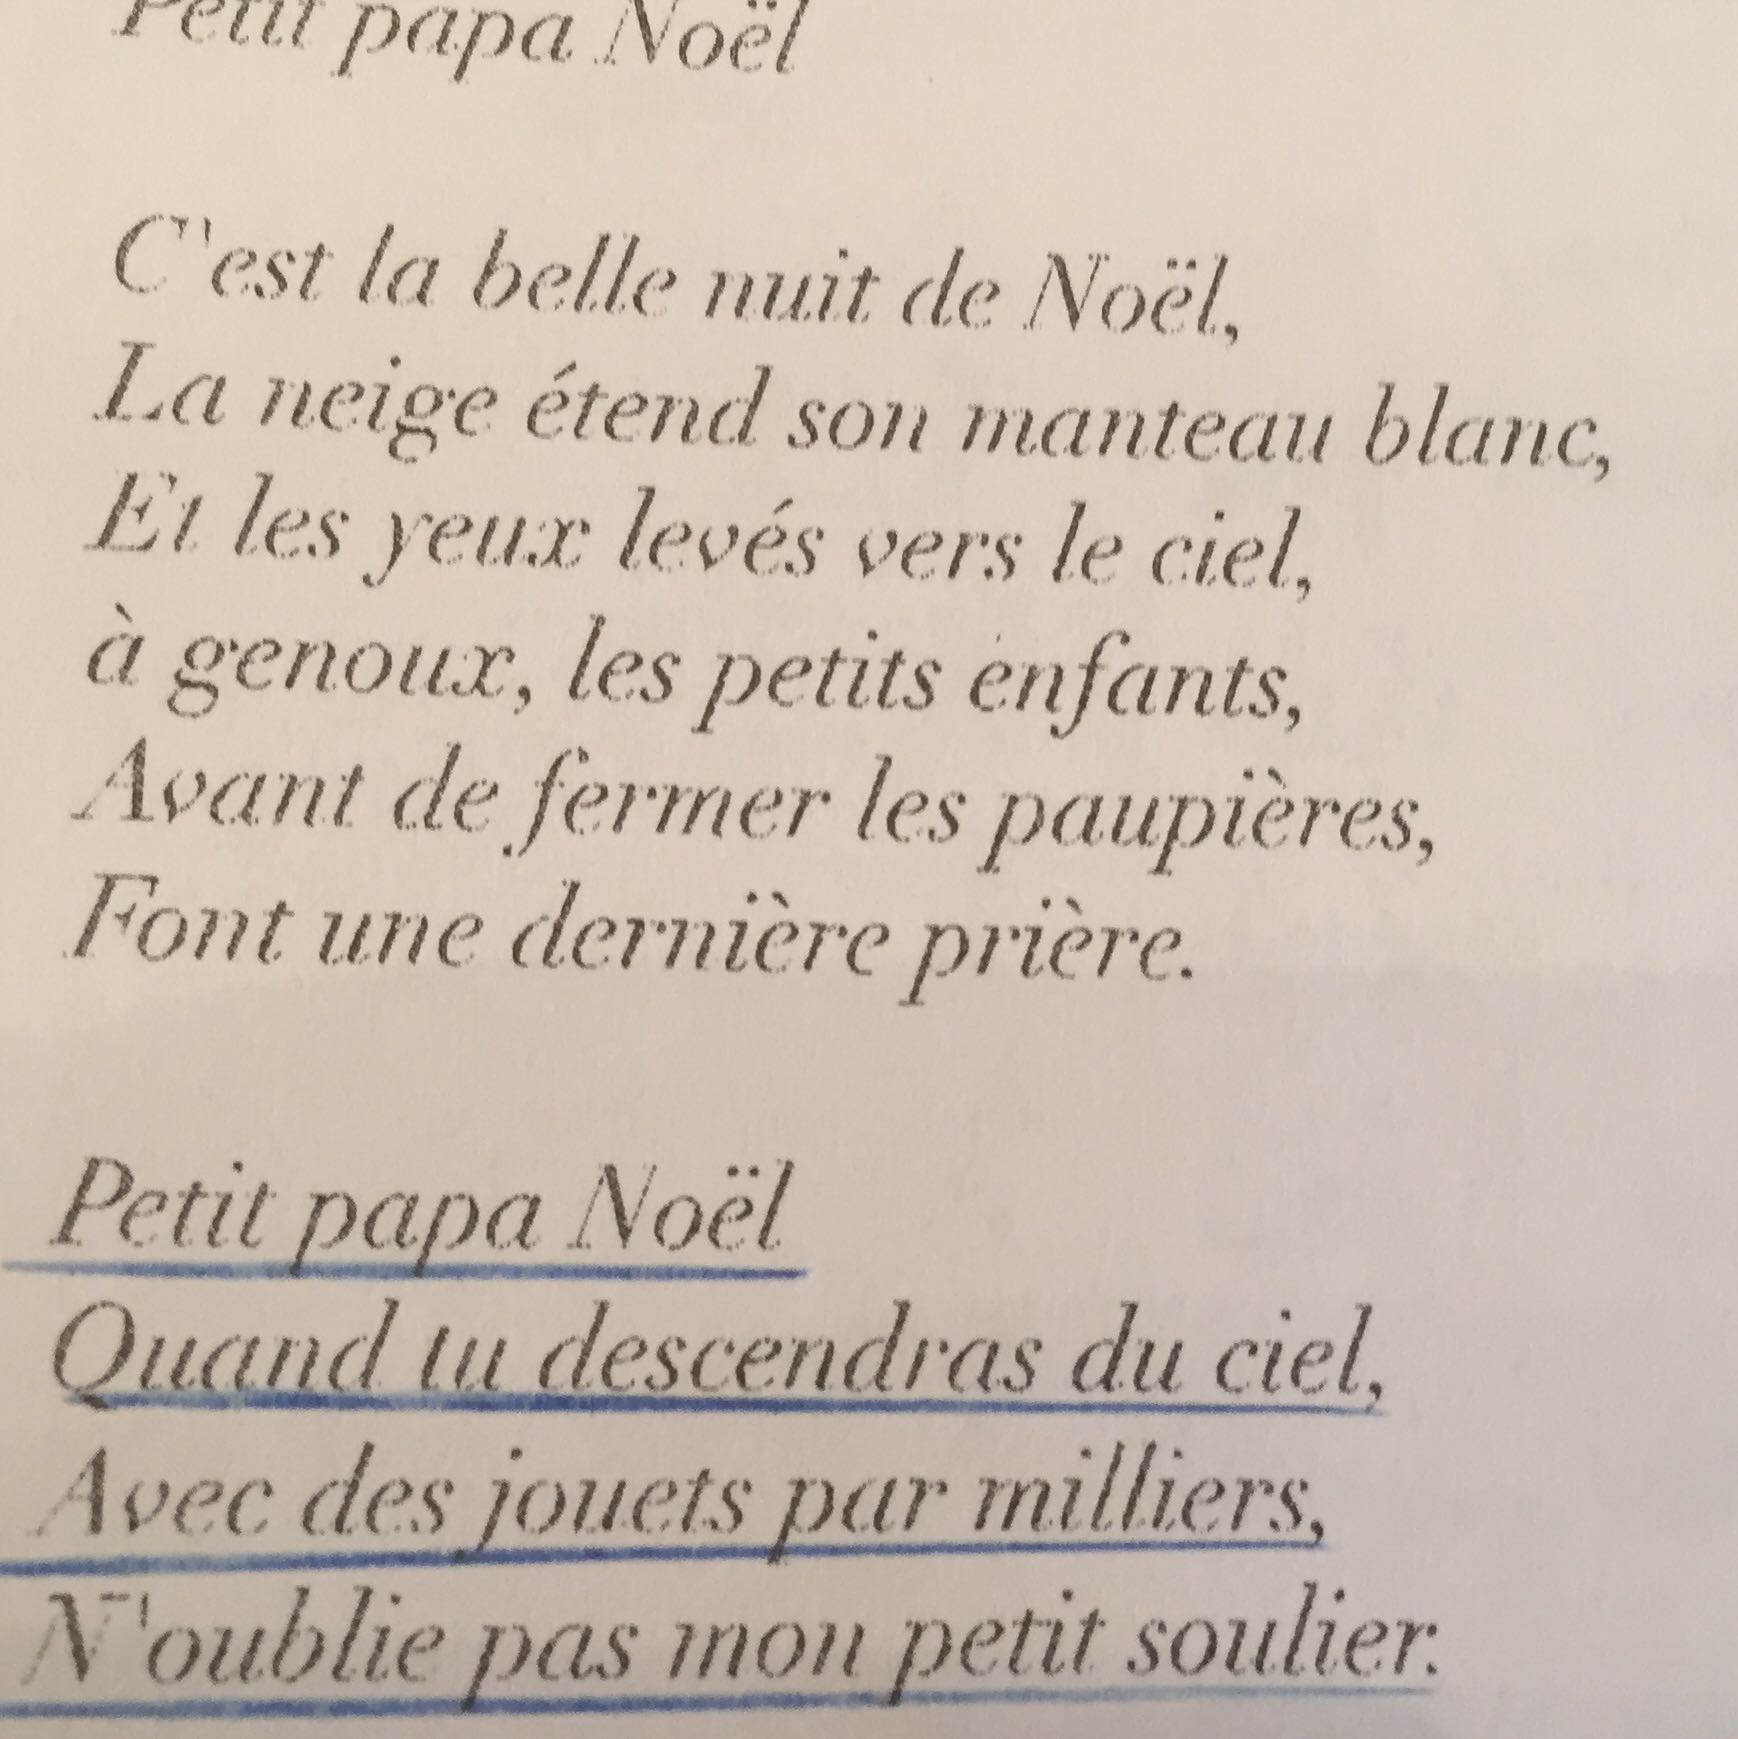 Wie lerne ich in französisch ein Gedicht am schnellsten